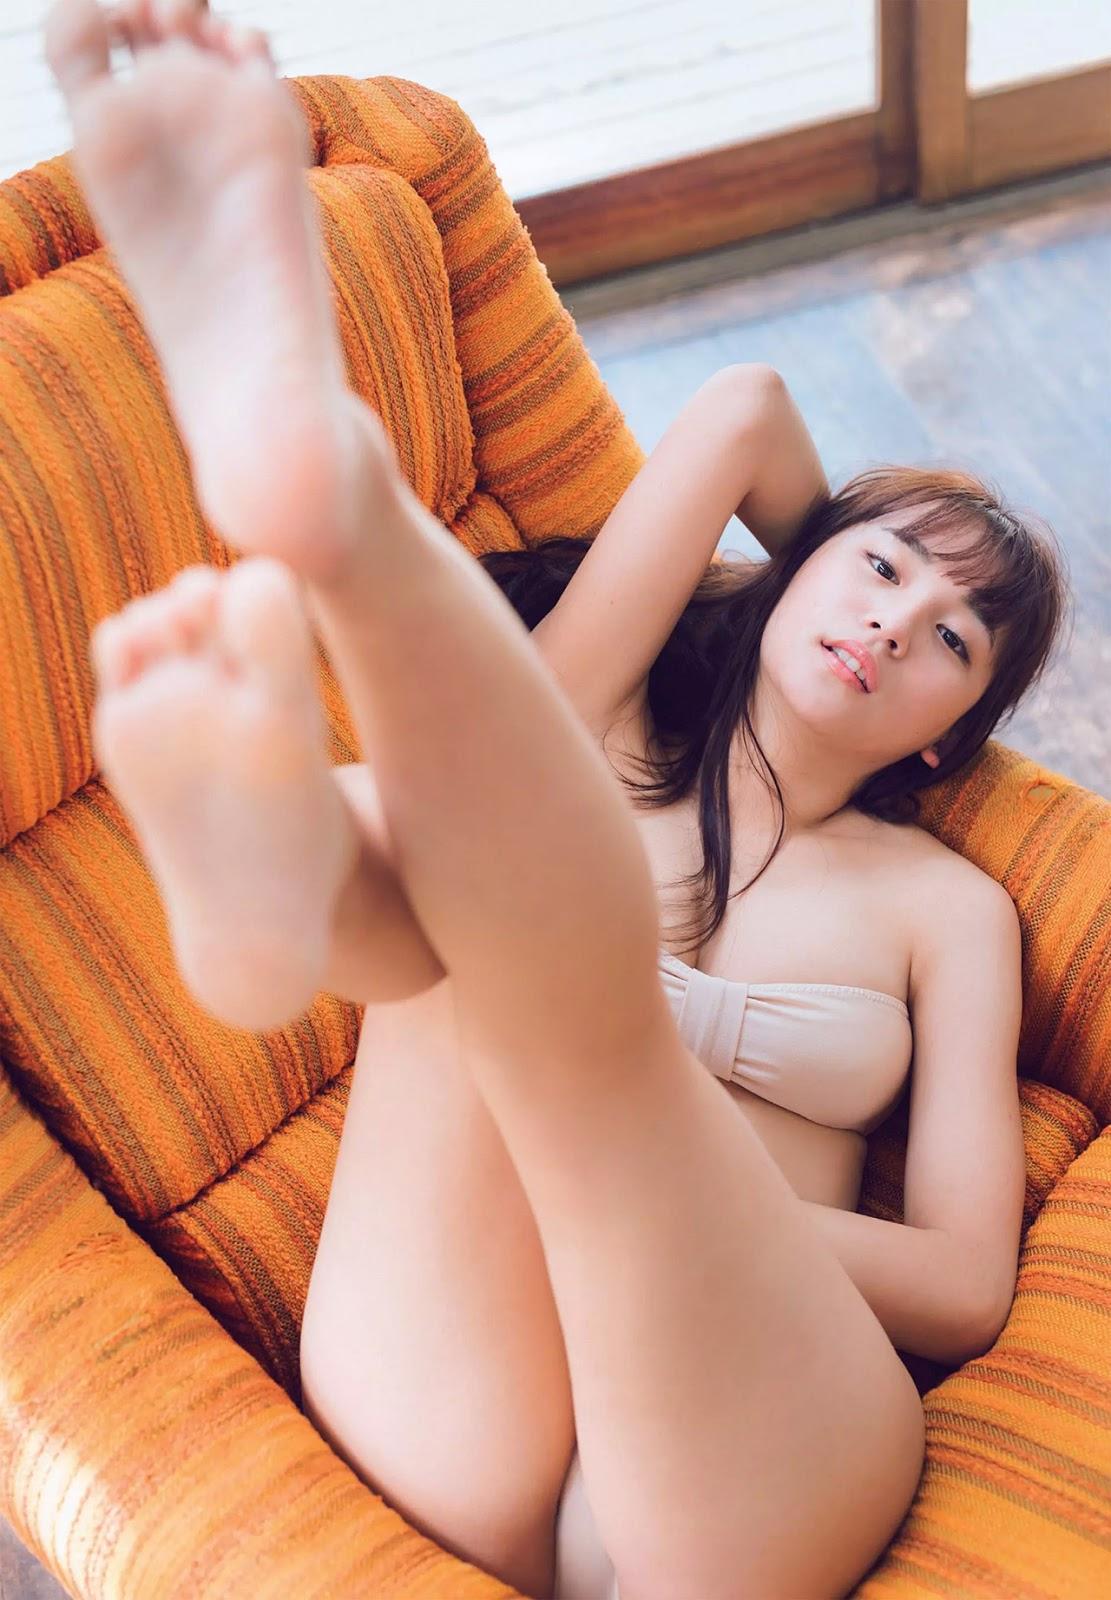 Asakawa Nana 浅川梨奈, FLASH 電子版 2017.12.26 (フラッシュ 2017年12月26日号)